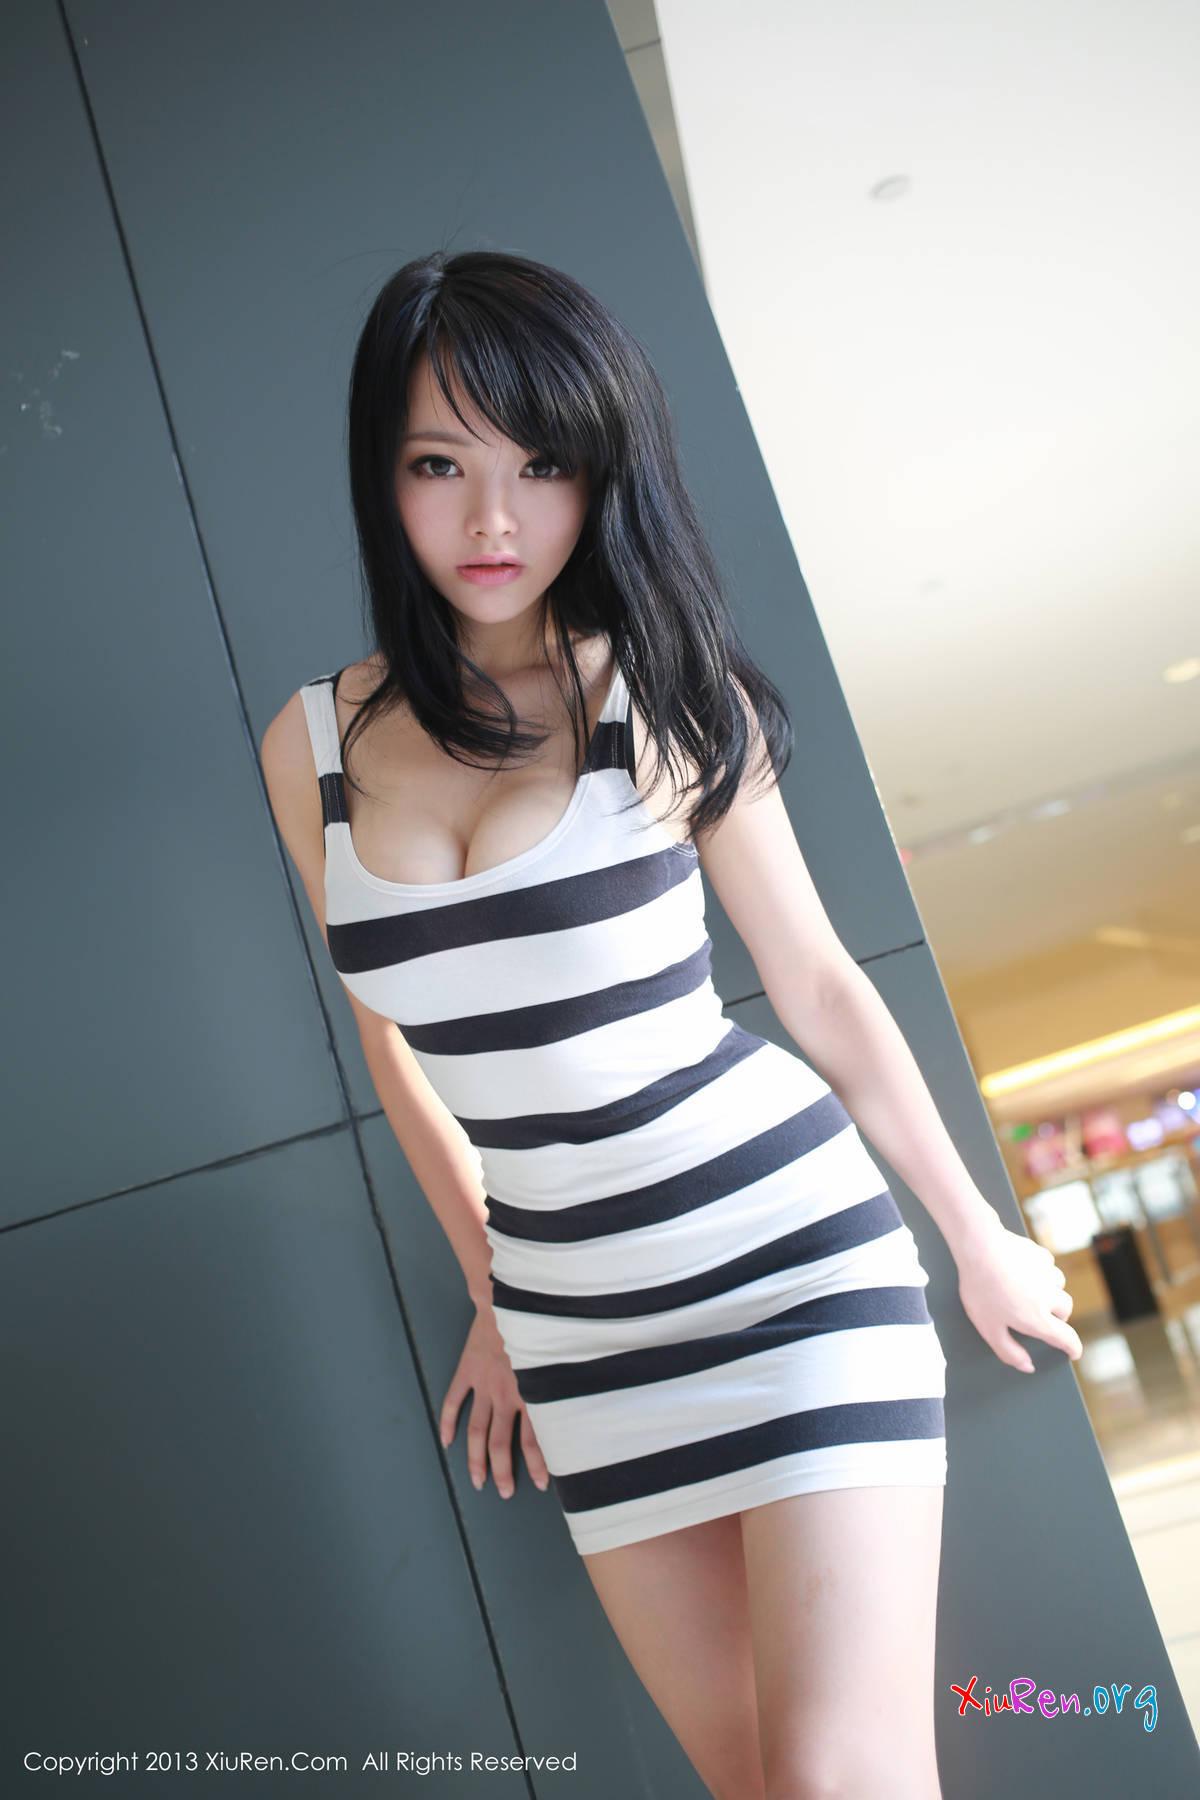 Фотографии красивых азиатских девушек 21 фотография